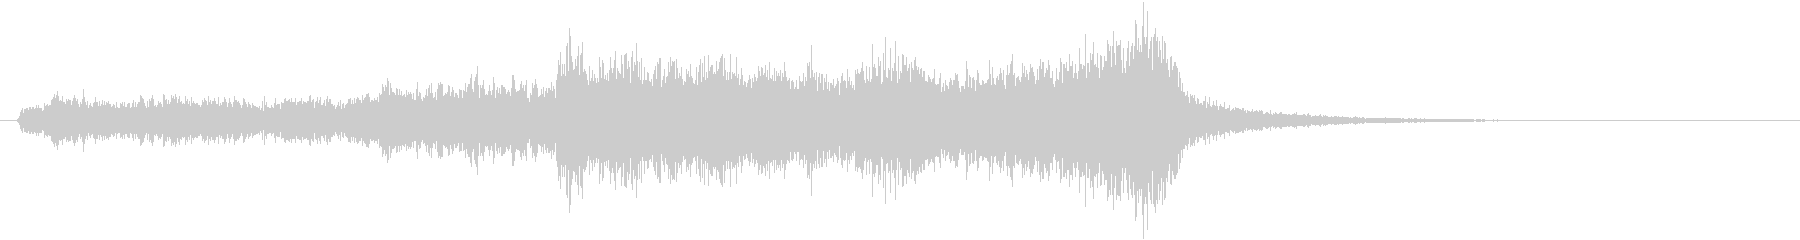 トムとジェリー風なアニメ音楽「驚き」5の未再生の波形